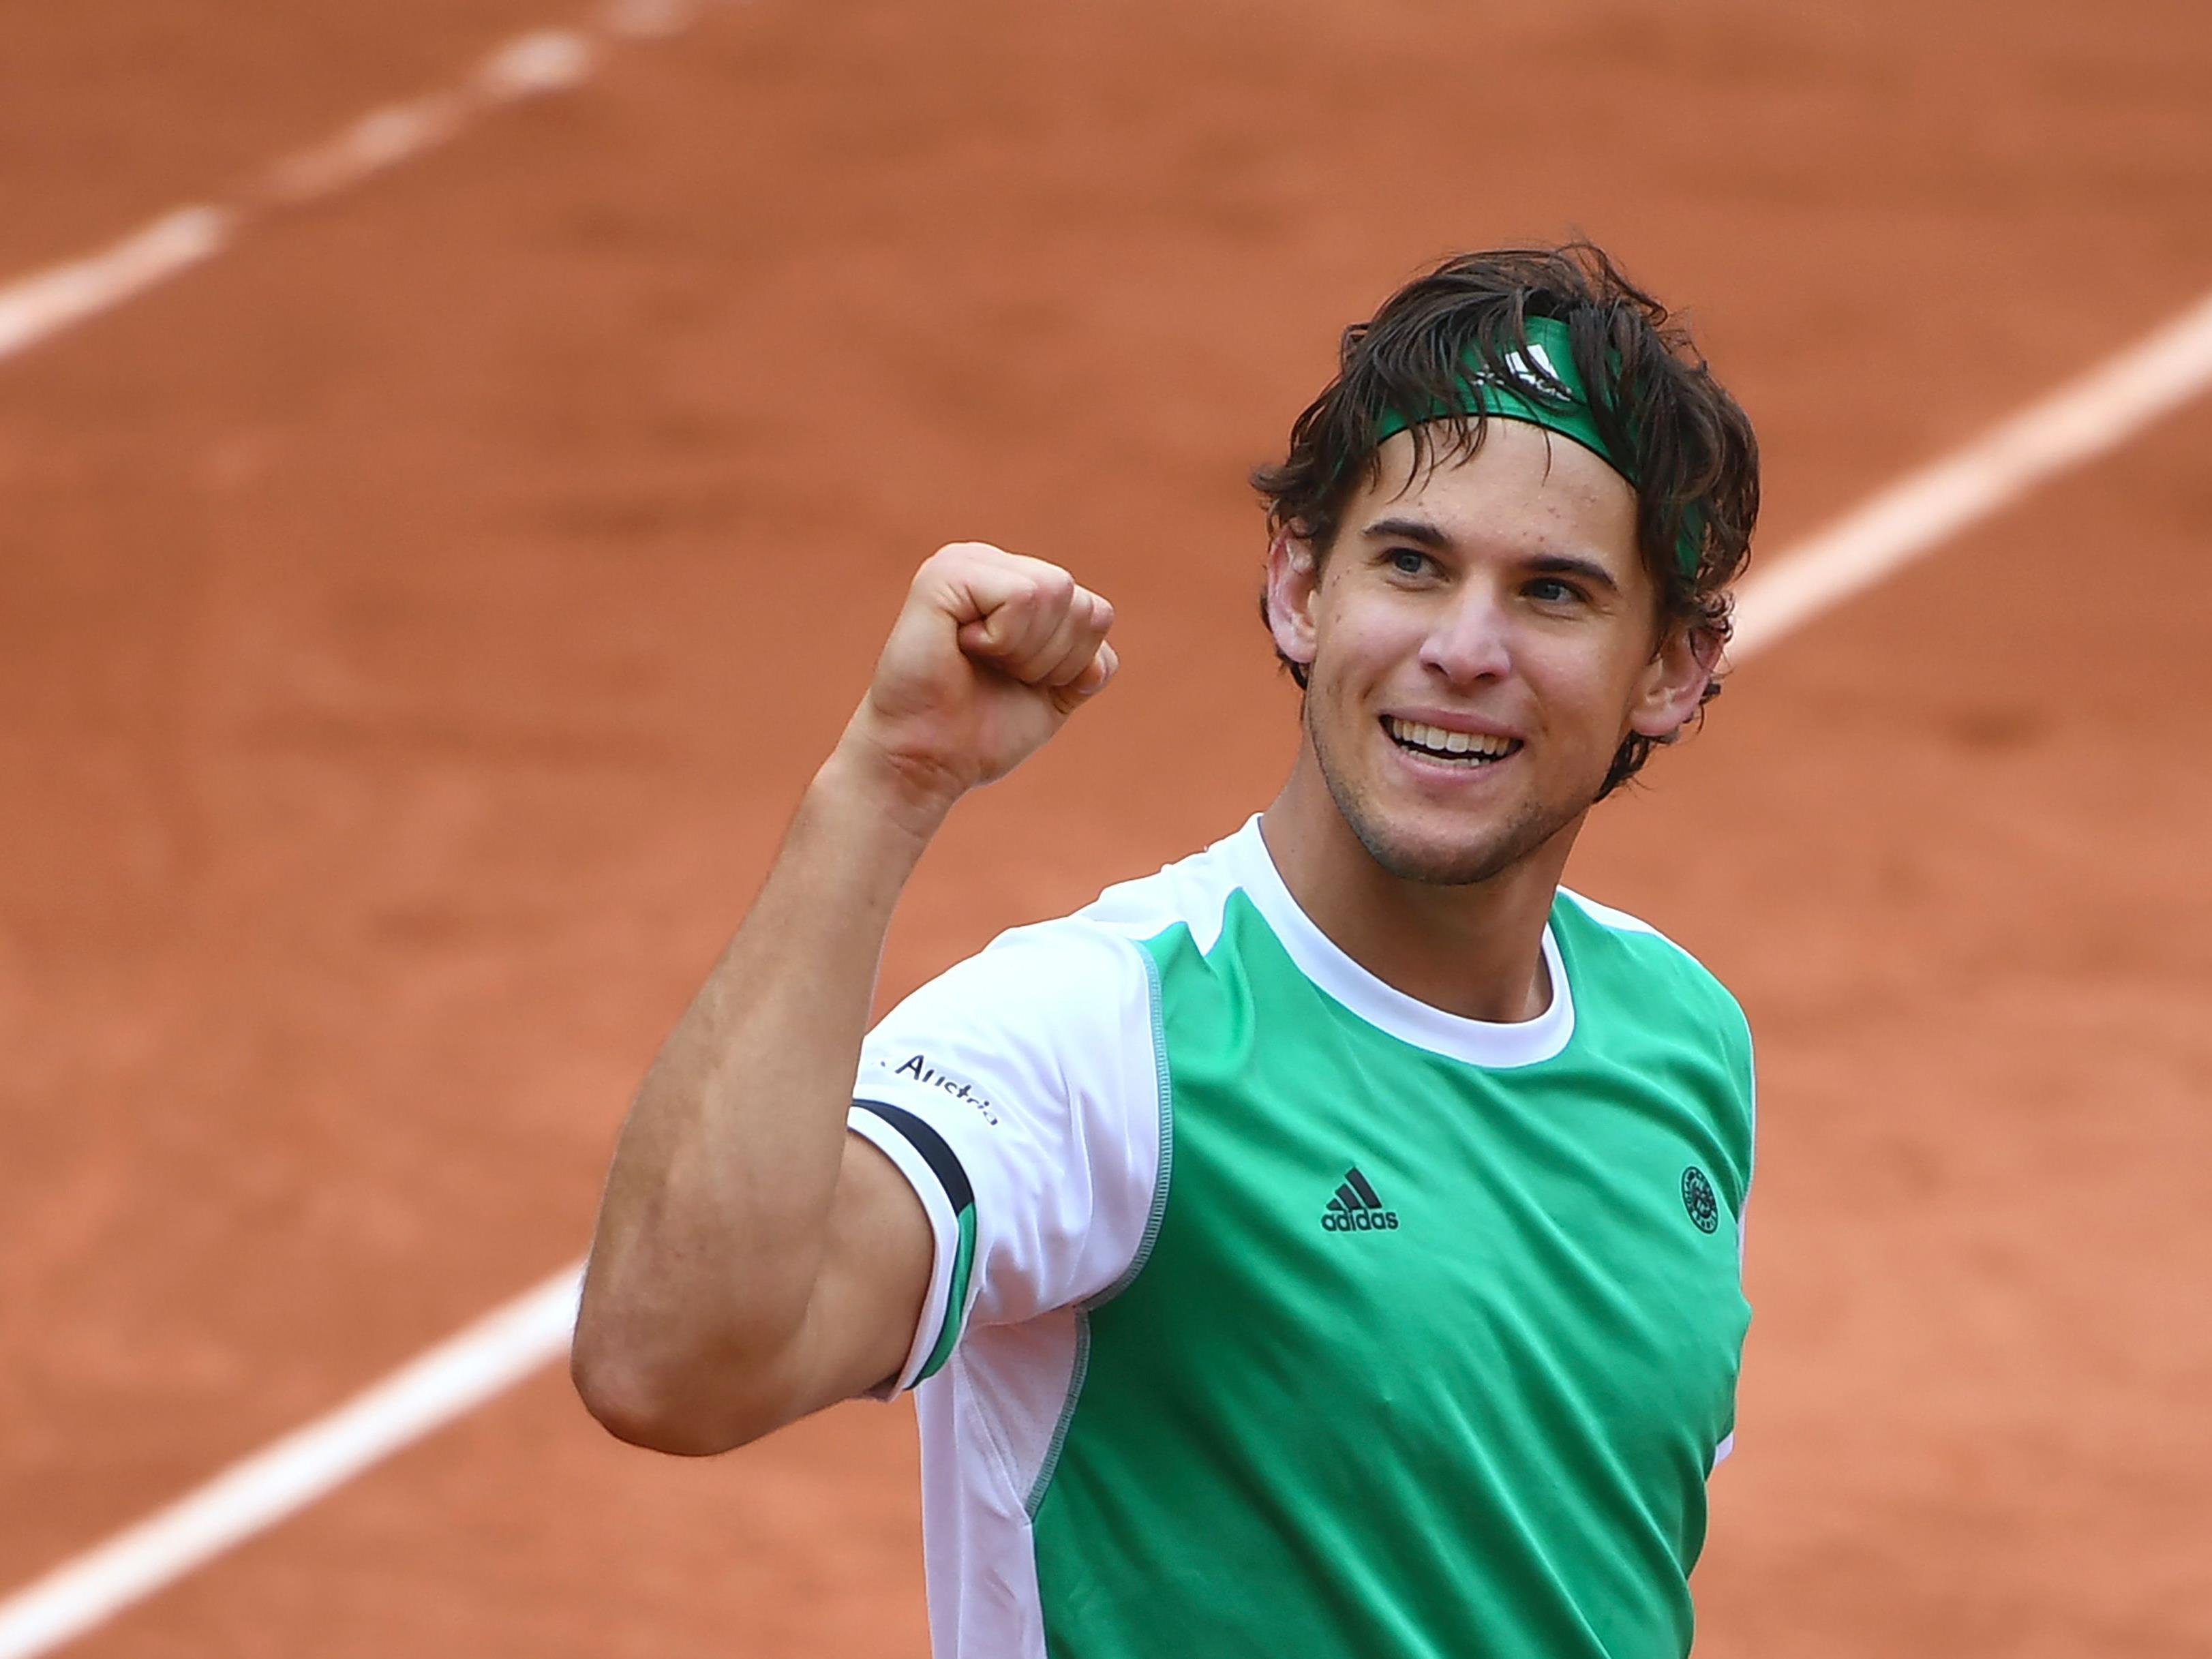 Dominic Thiem ist vor dem Halbfinale der French Open gegen Rafael Nadal optimistisch.